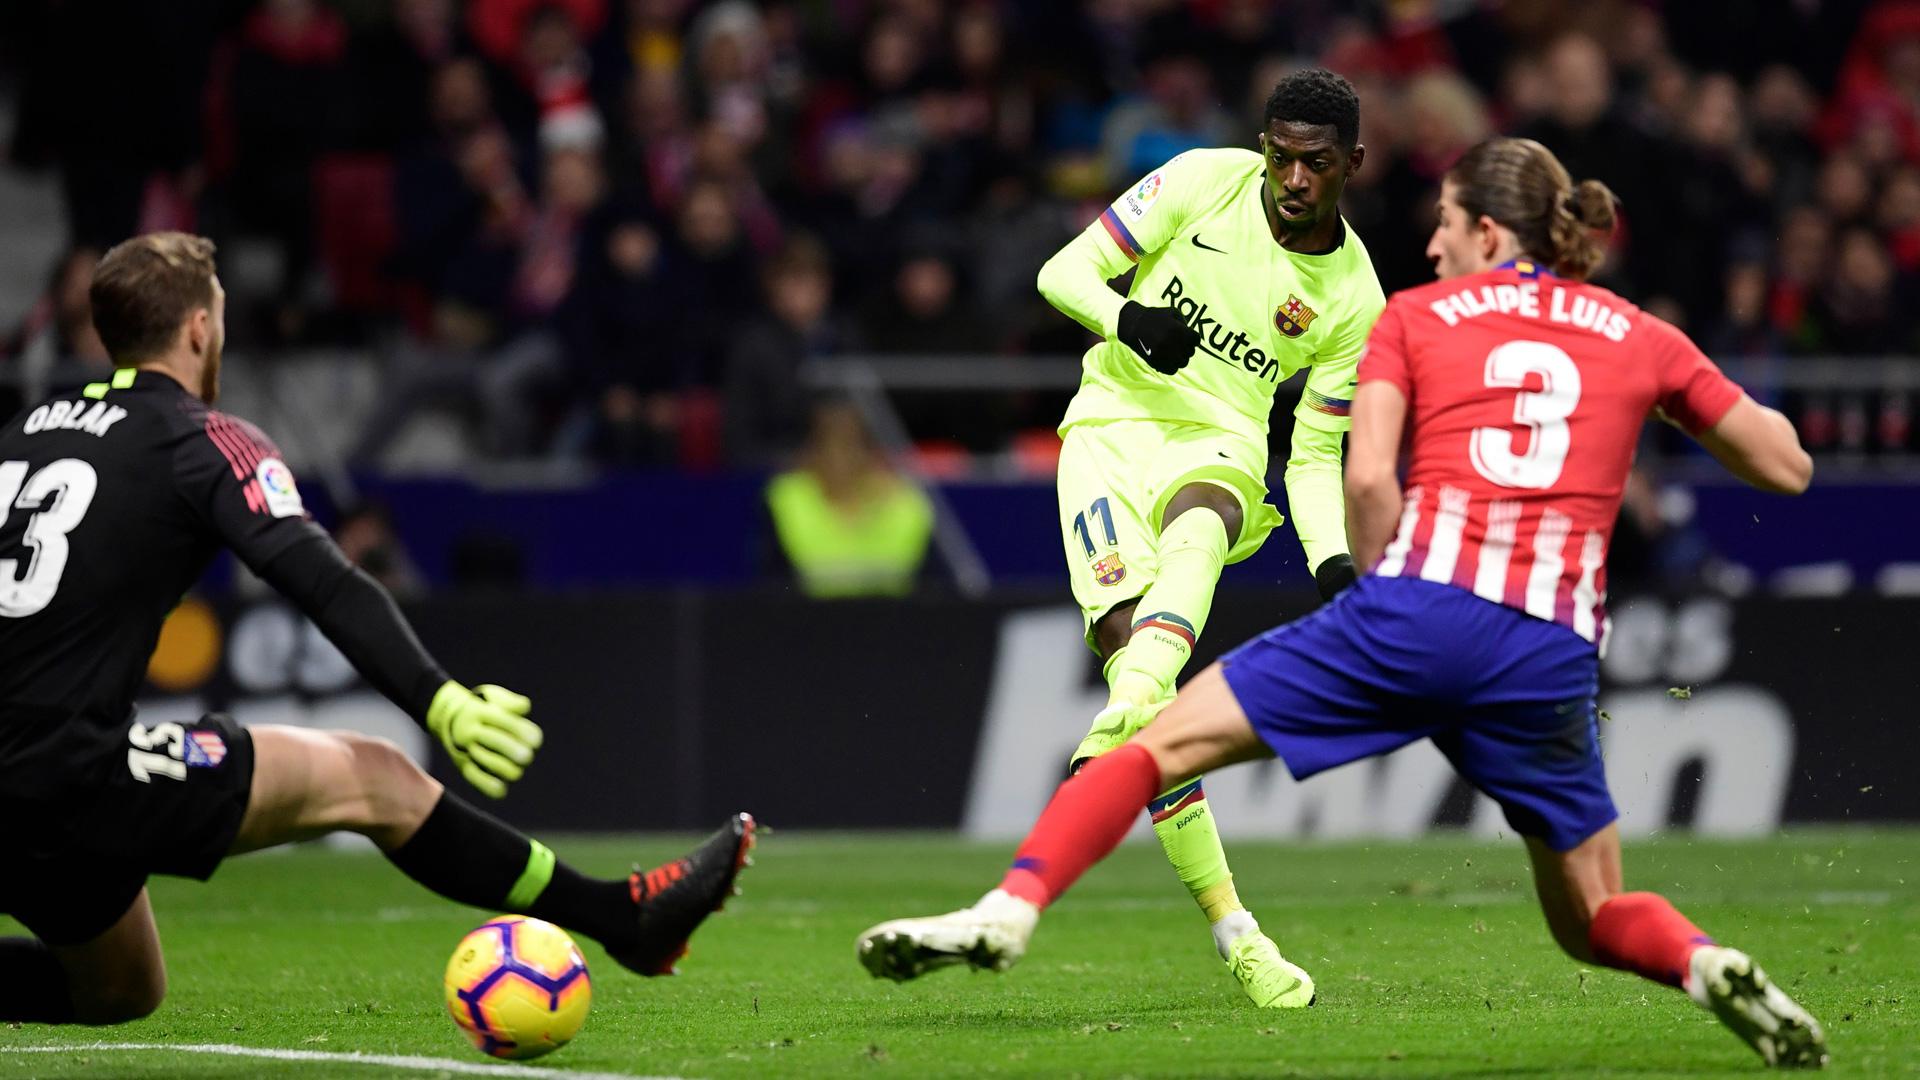 Atl tico De Madrid FC Barcelone Malmen Par L Atl tico Le Bar a Remercie Demb l Goal com